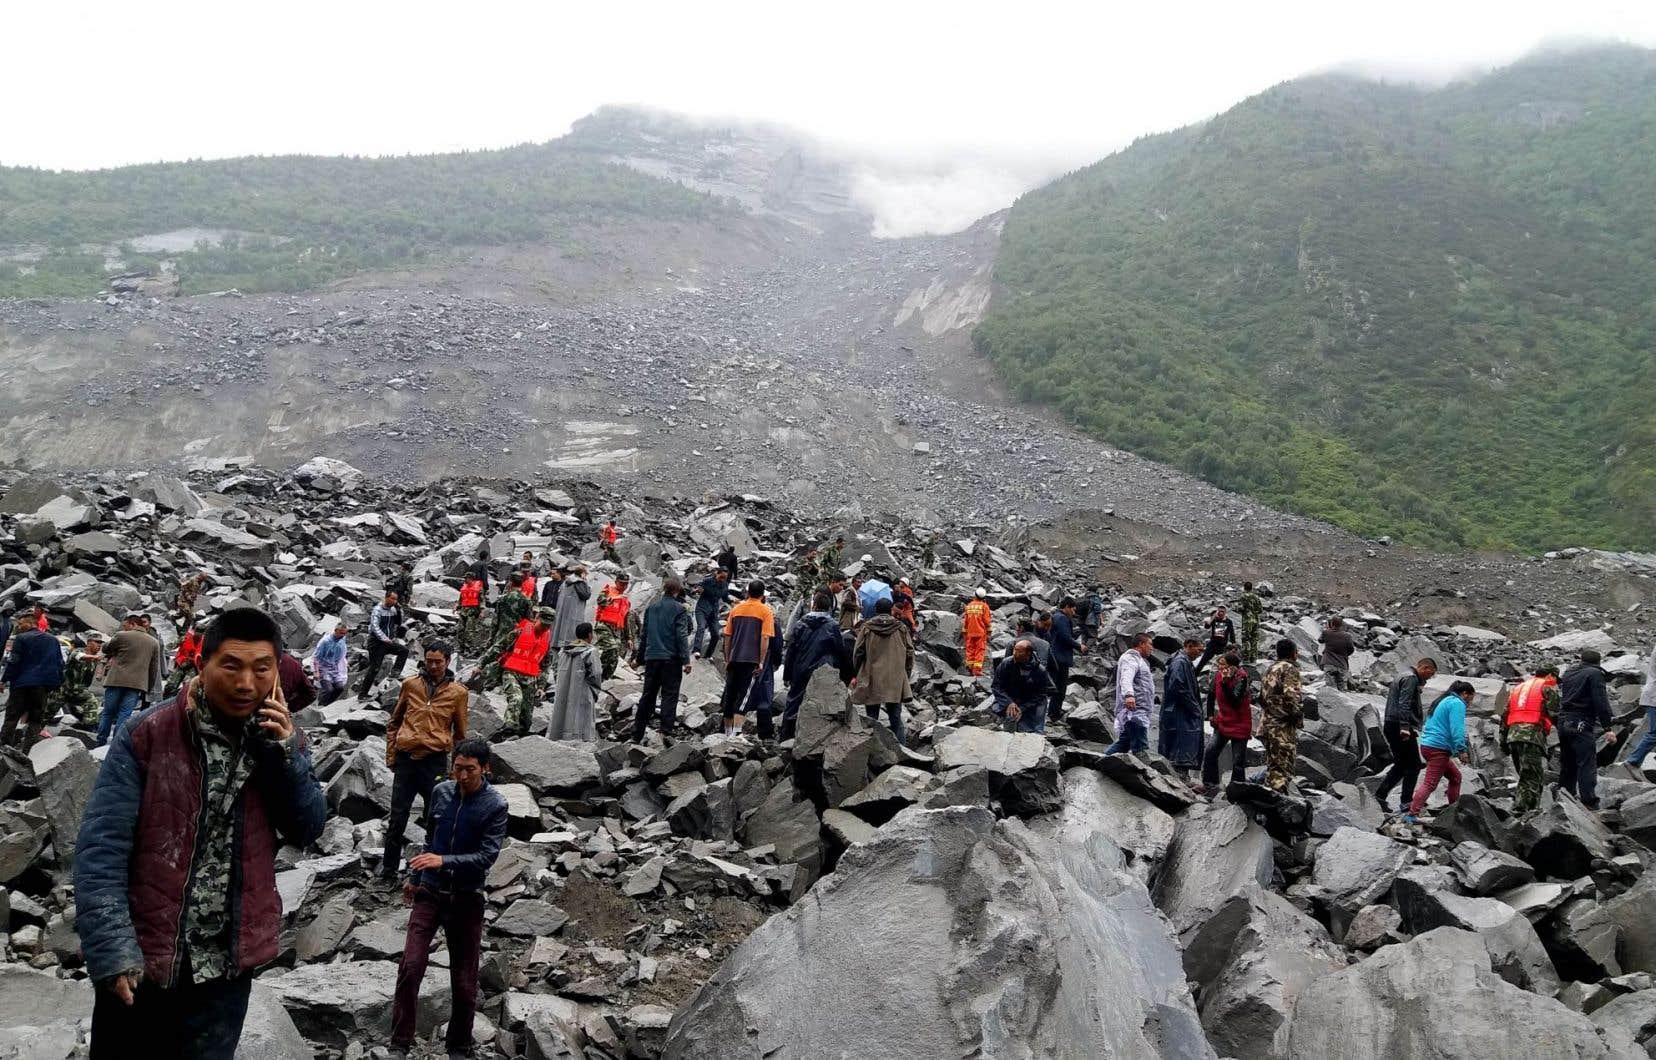 Plus de 120 personnes sont encore disparues et 62 maisons ont été englouties, selon un bilan des autorités.